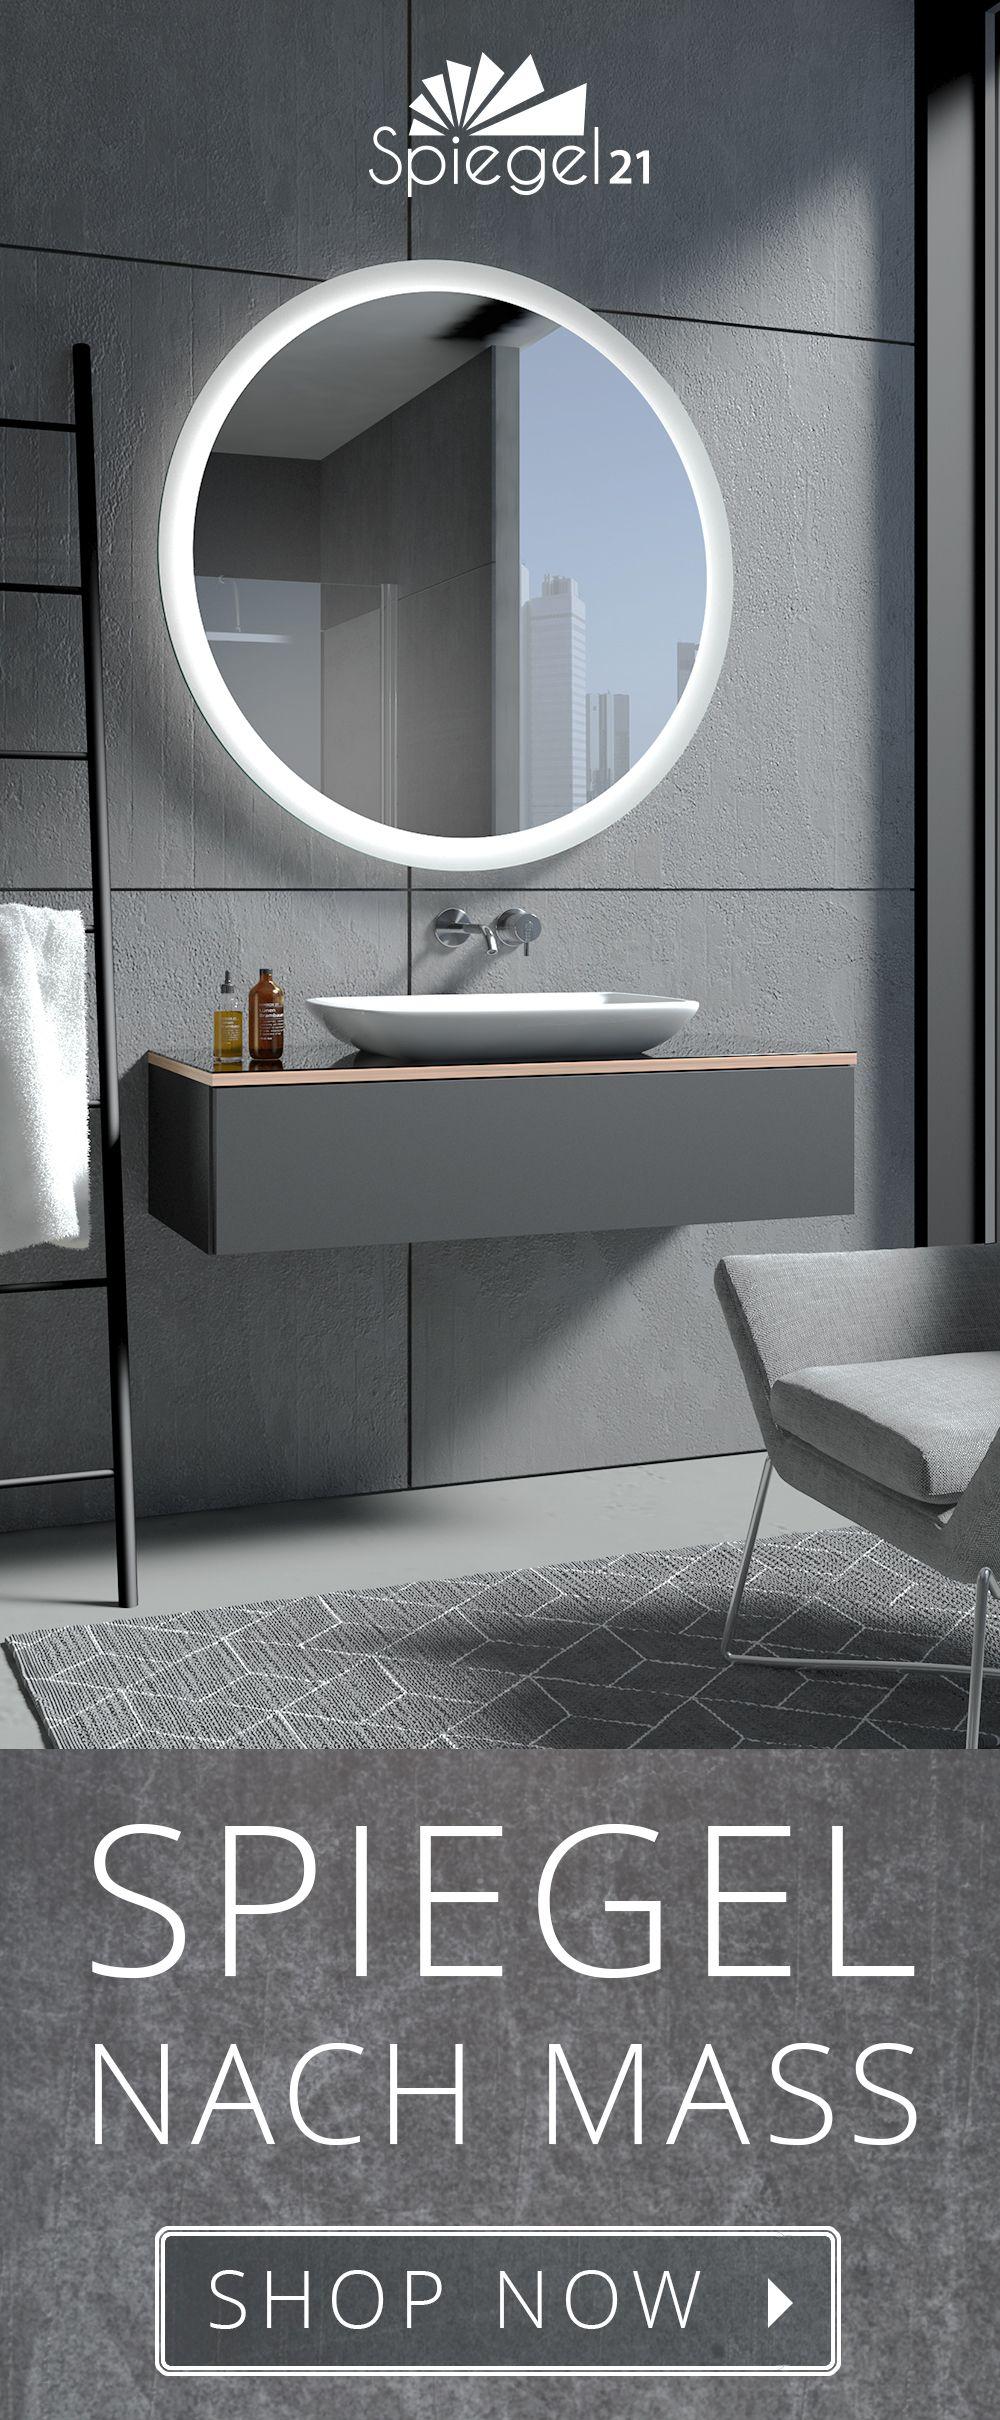 Runder Badspiegel Mit Beleuchtung Charon Badspiegel Beleuchteter Spiegel Beleuchtung